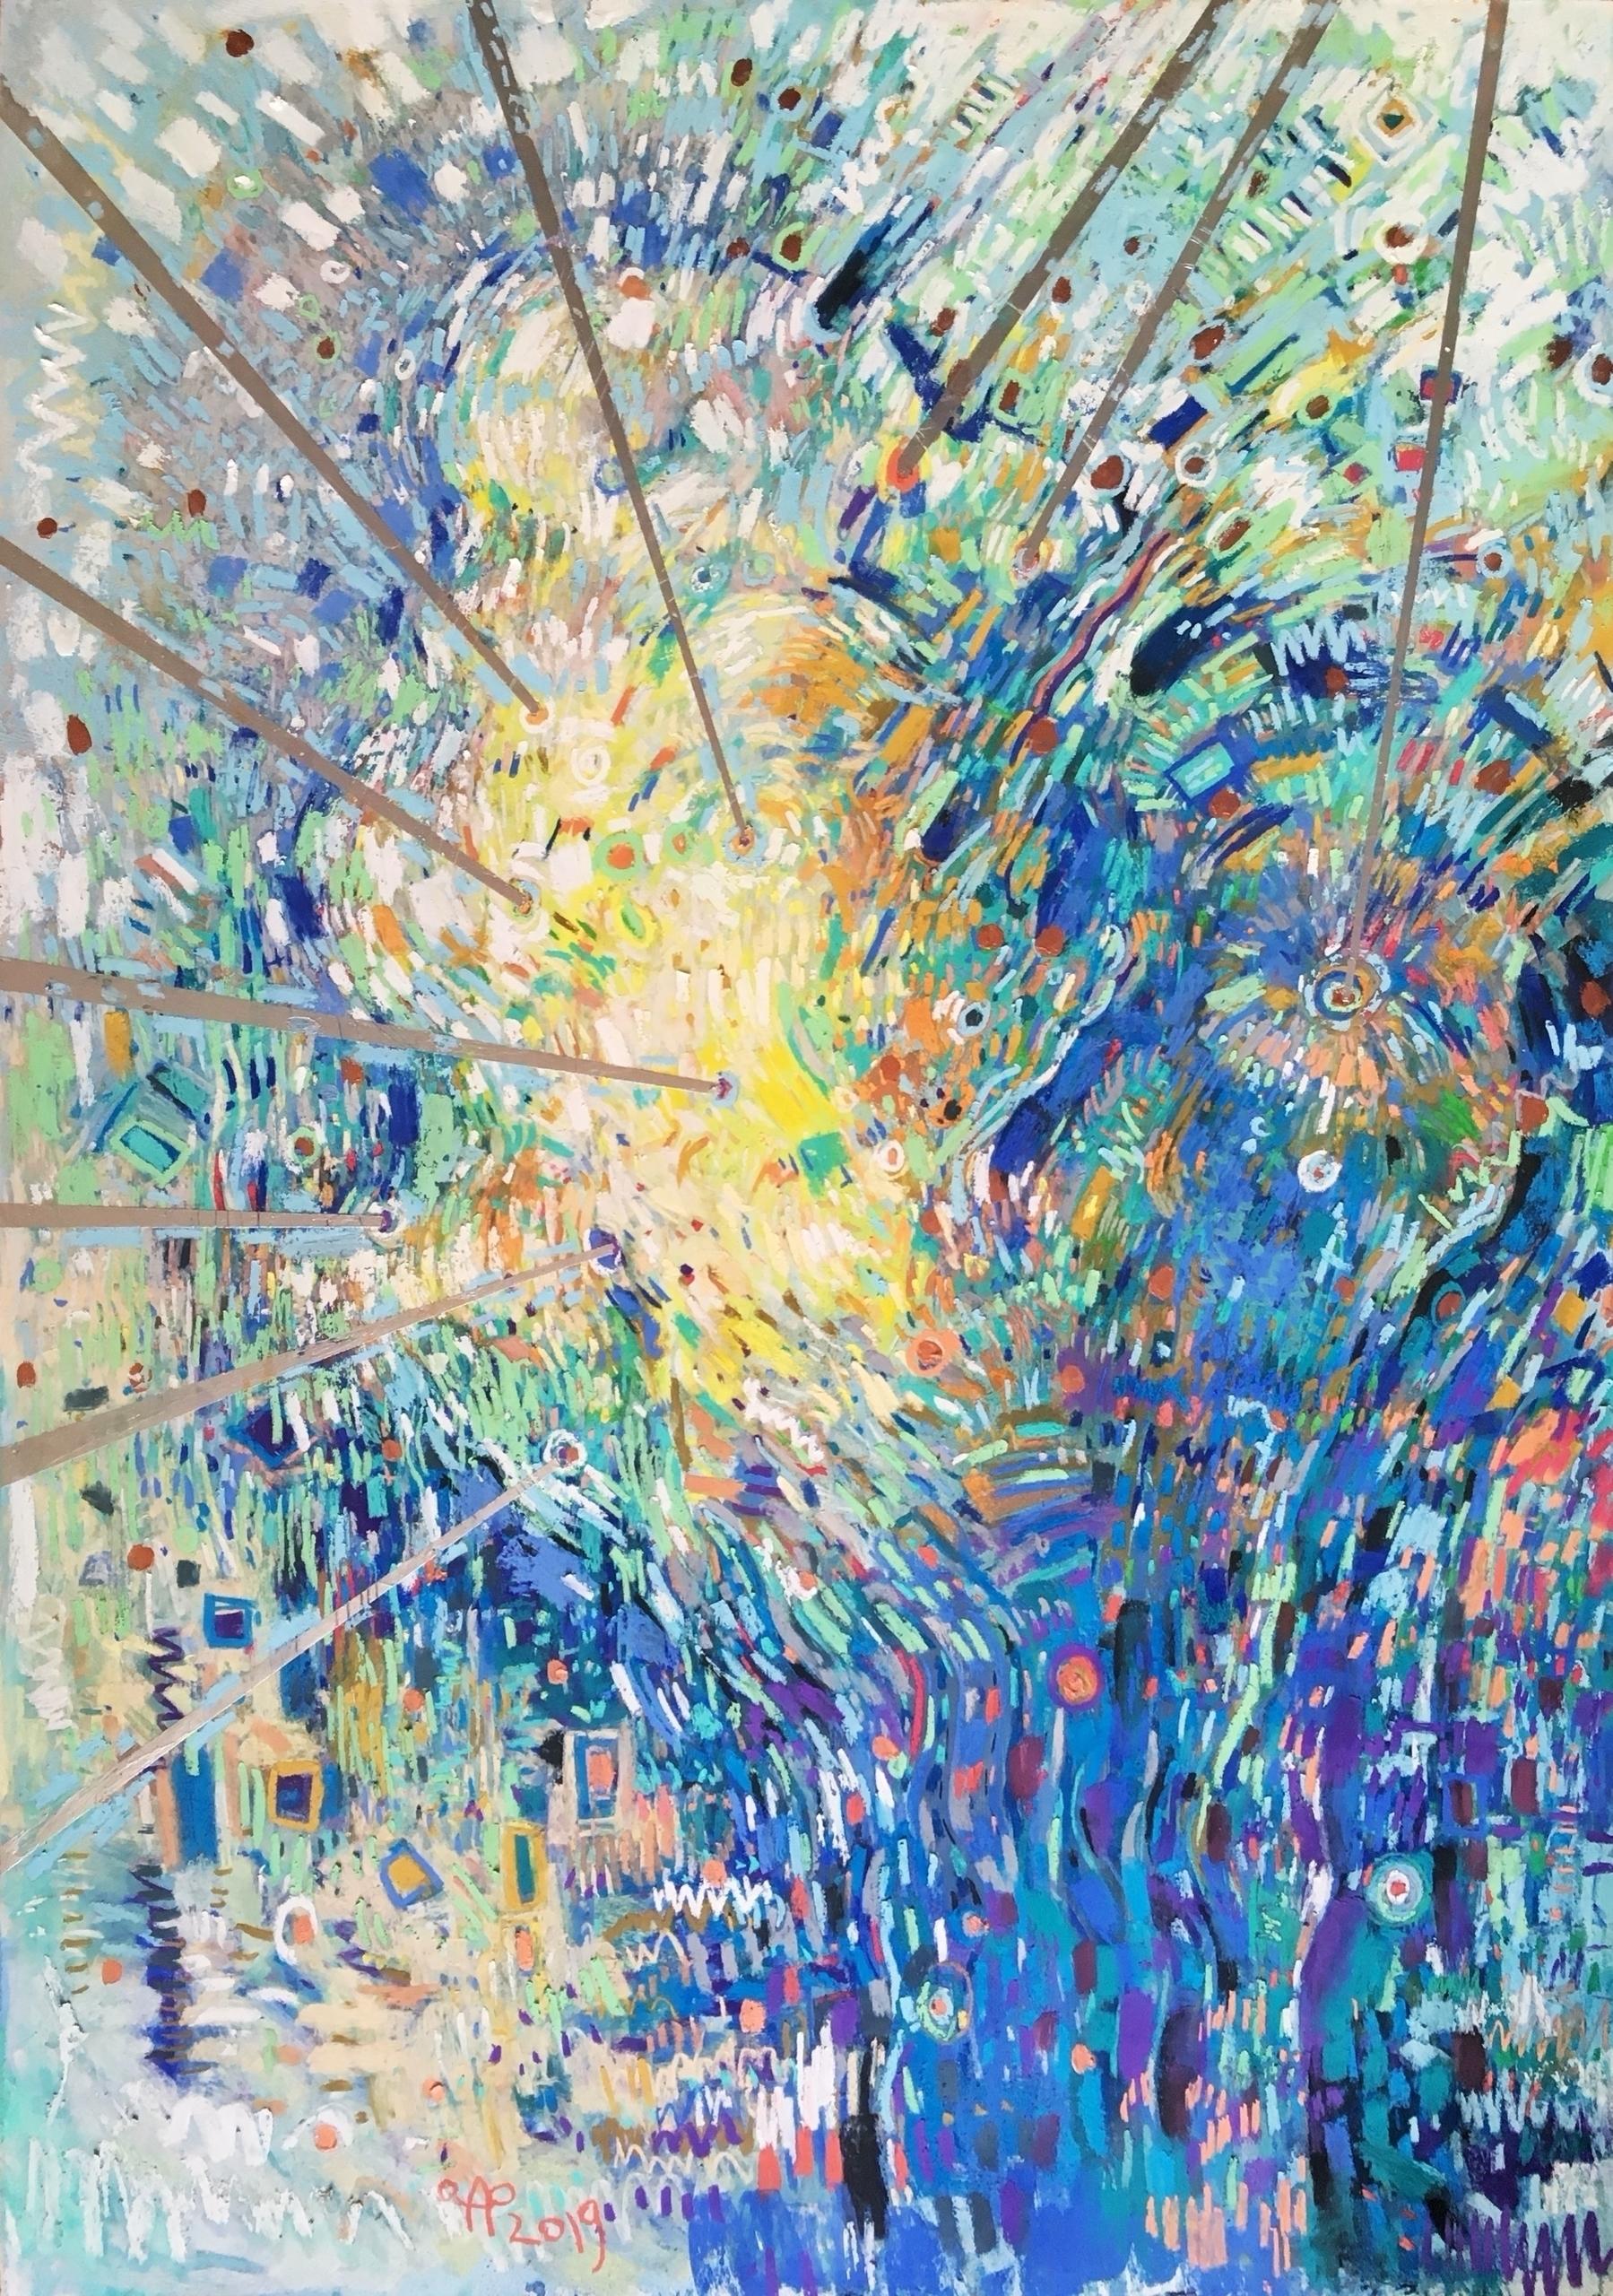 Falling Skies Oleg Agafonov 201 - oleg_agafonov_artist   ello